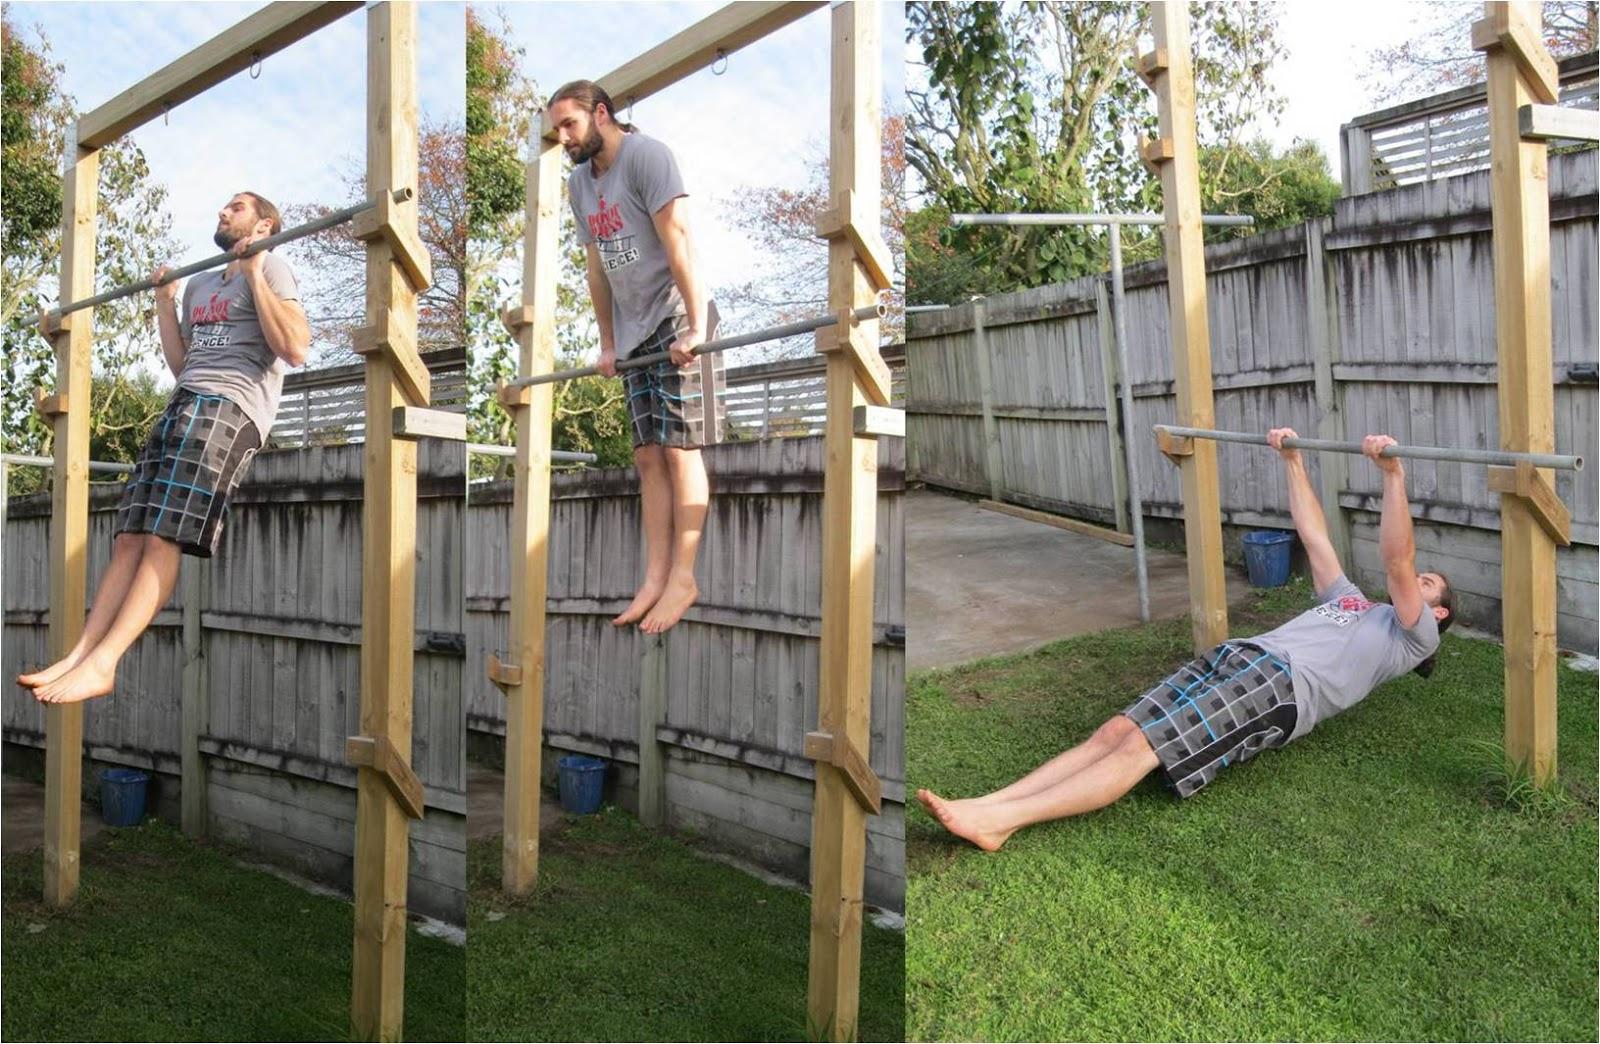 Gymnastics Bars For Backyard